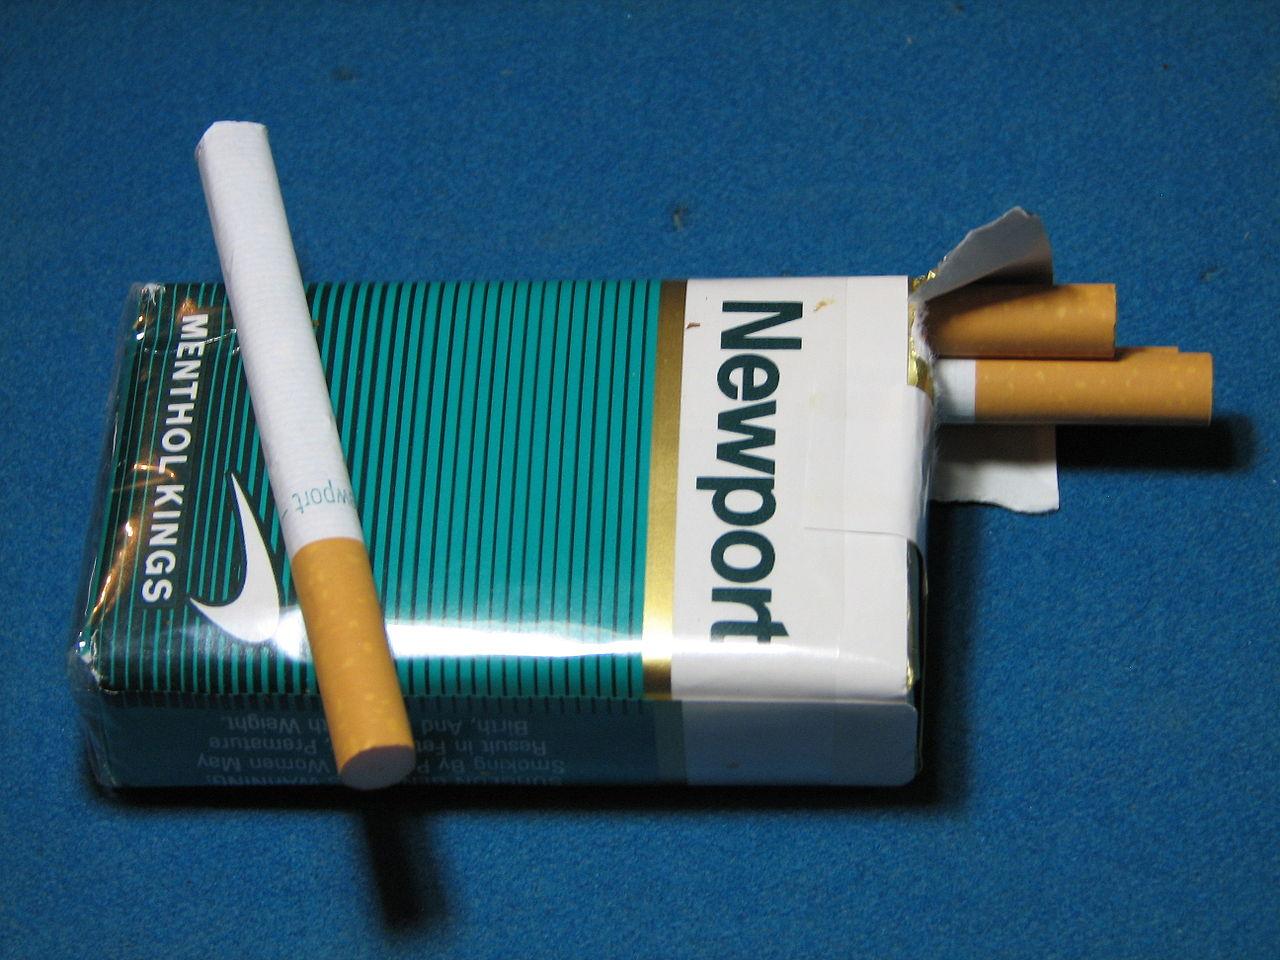 Benson Hedges cigarette in USA